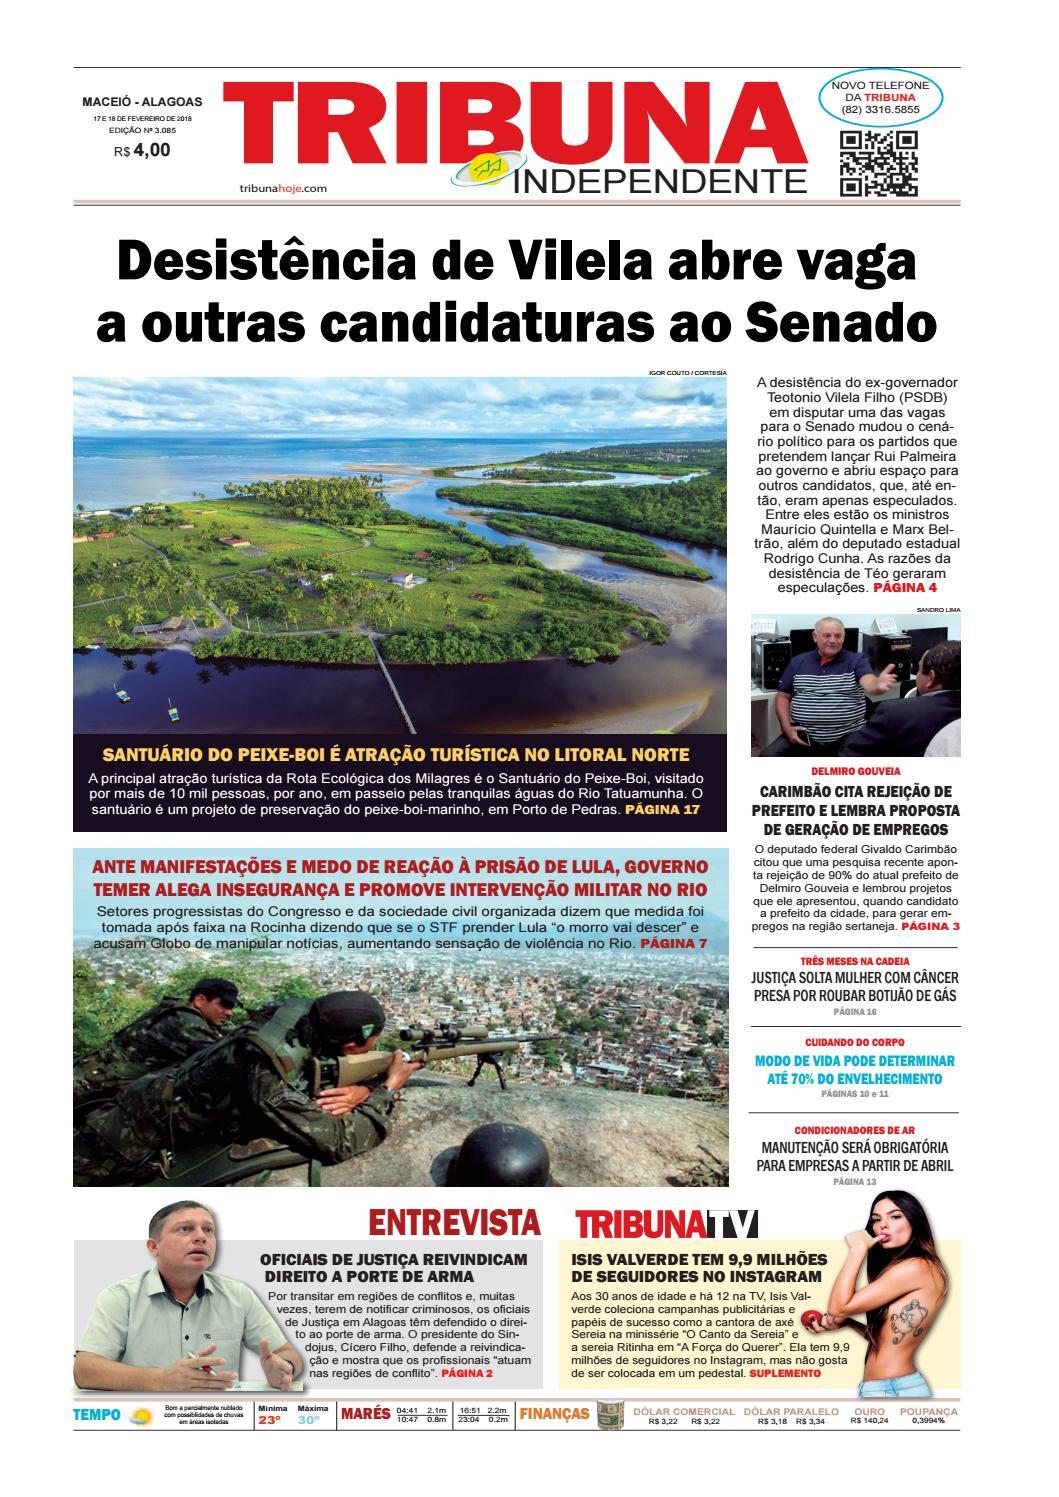 6c4c23dc54 Edição número 3085 - 17 e 18 de fevereiro de 2018 by Tribuna Hoje - issuu